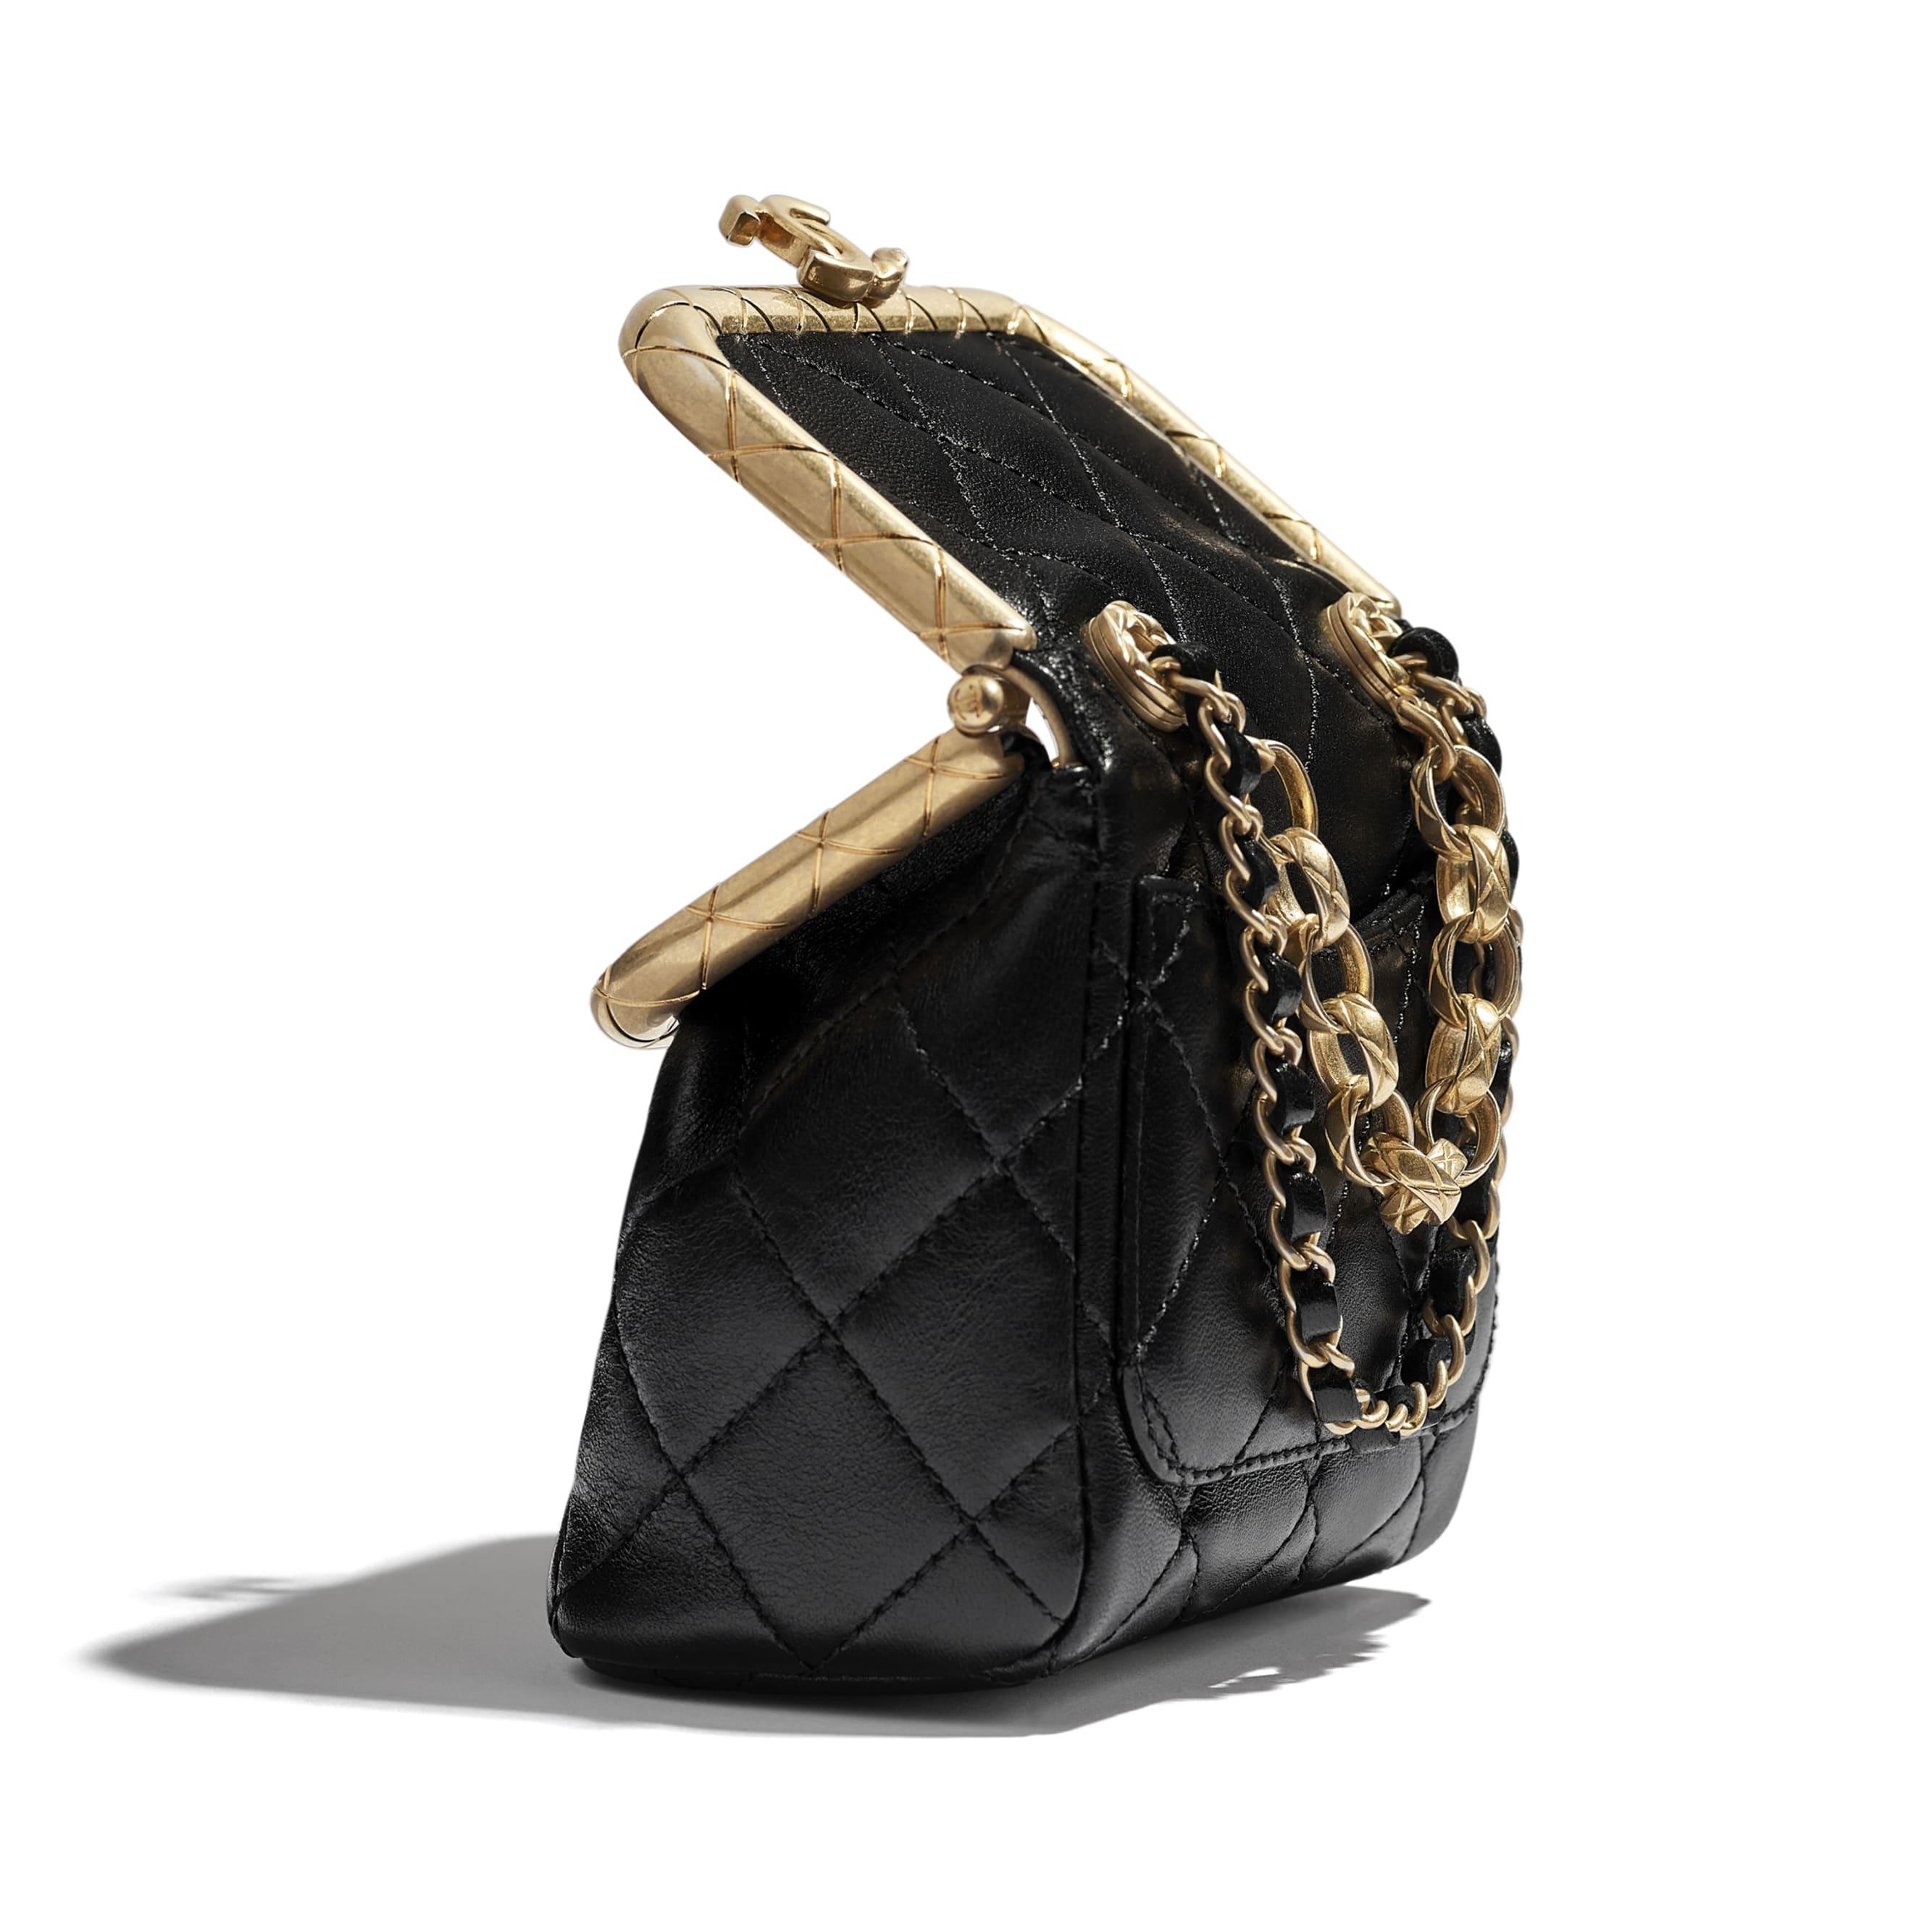 Bolsa pequena com fecho - Black - Lambskin & Gold-Tone Metal - CHANEL - Vista extra - ver a versão em tamanho standard